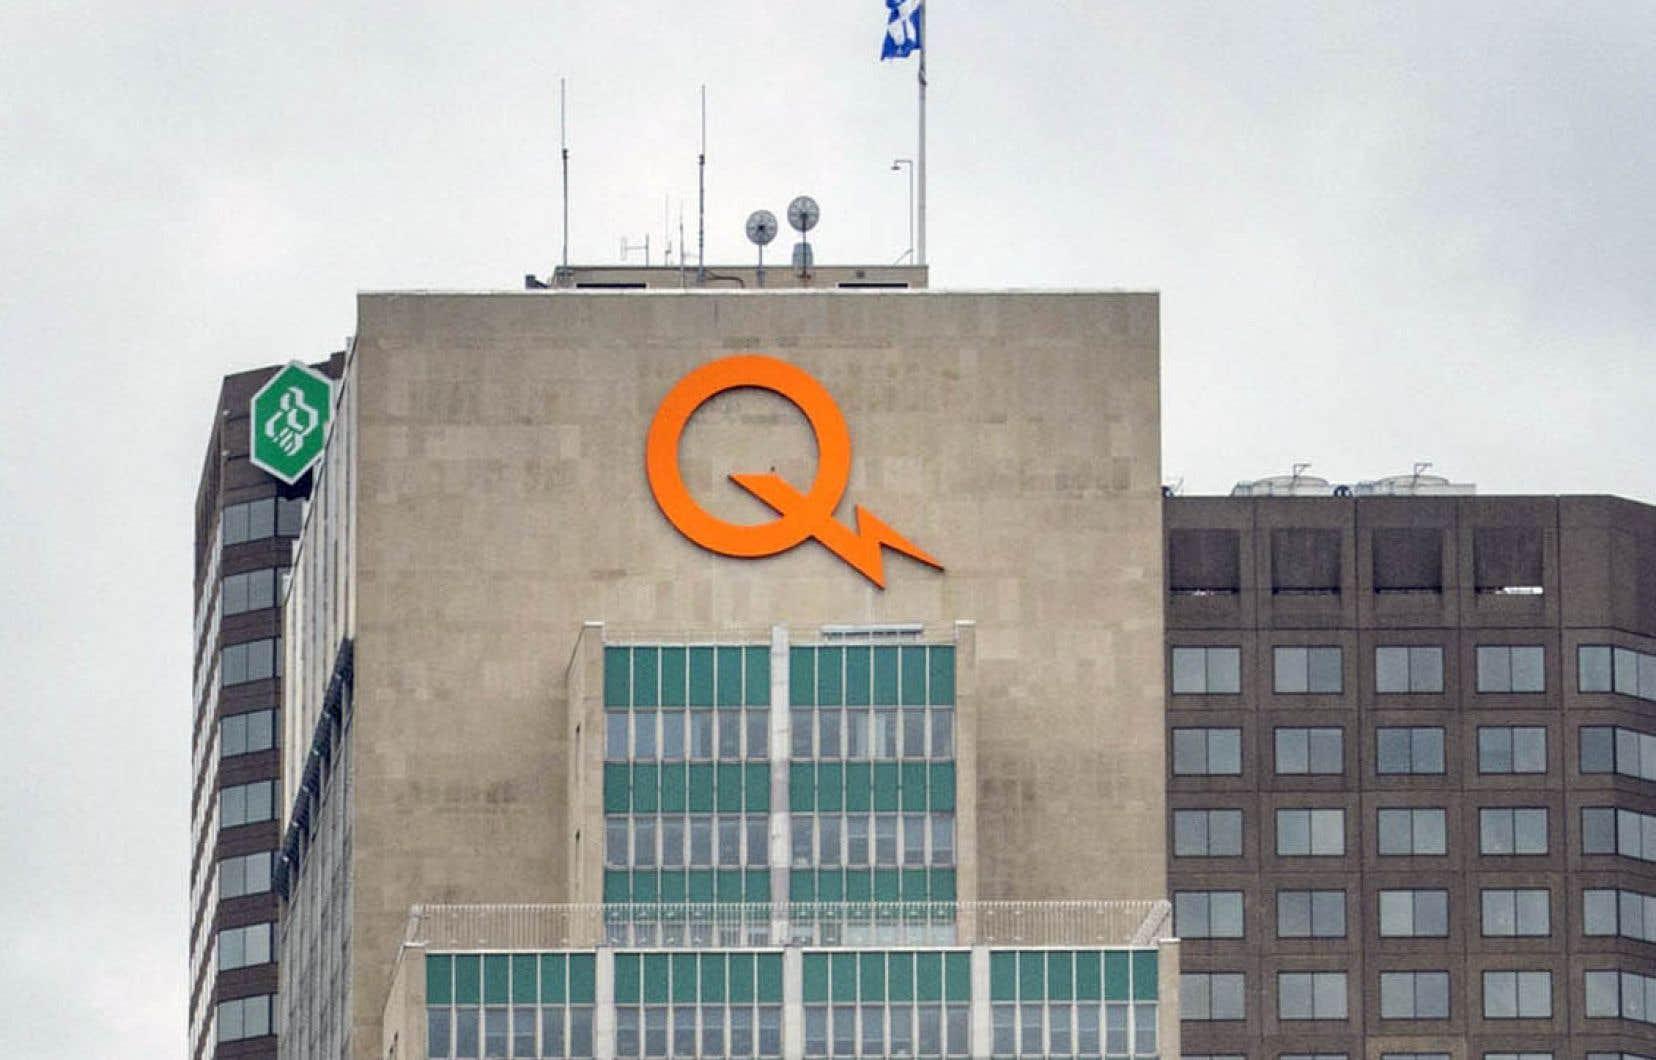 Dans son plan dévoilé le mois dernier, Hydro-Québec juge que son approvisionnement en énergie est suffisant pour l'instant, mais la société d'État n'exclut pas un nouvel appel d'offres sur un horizon de trois à cinq ans.